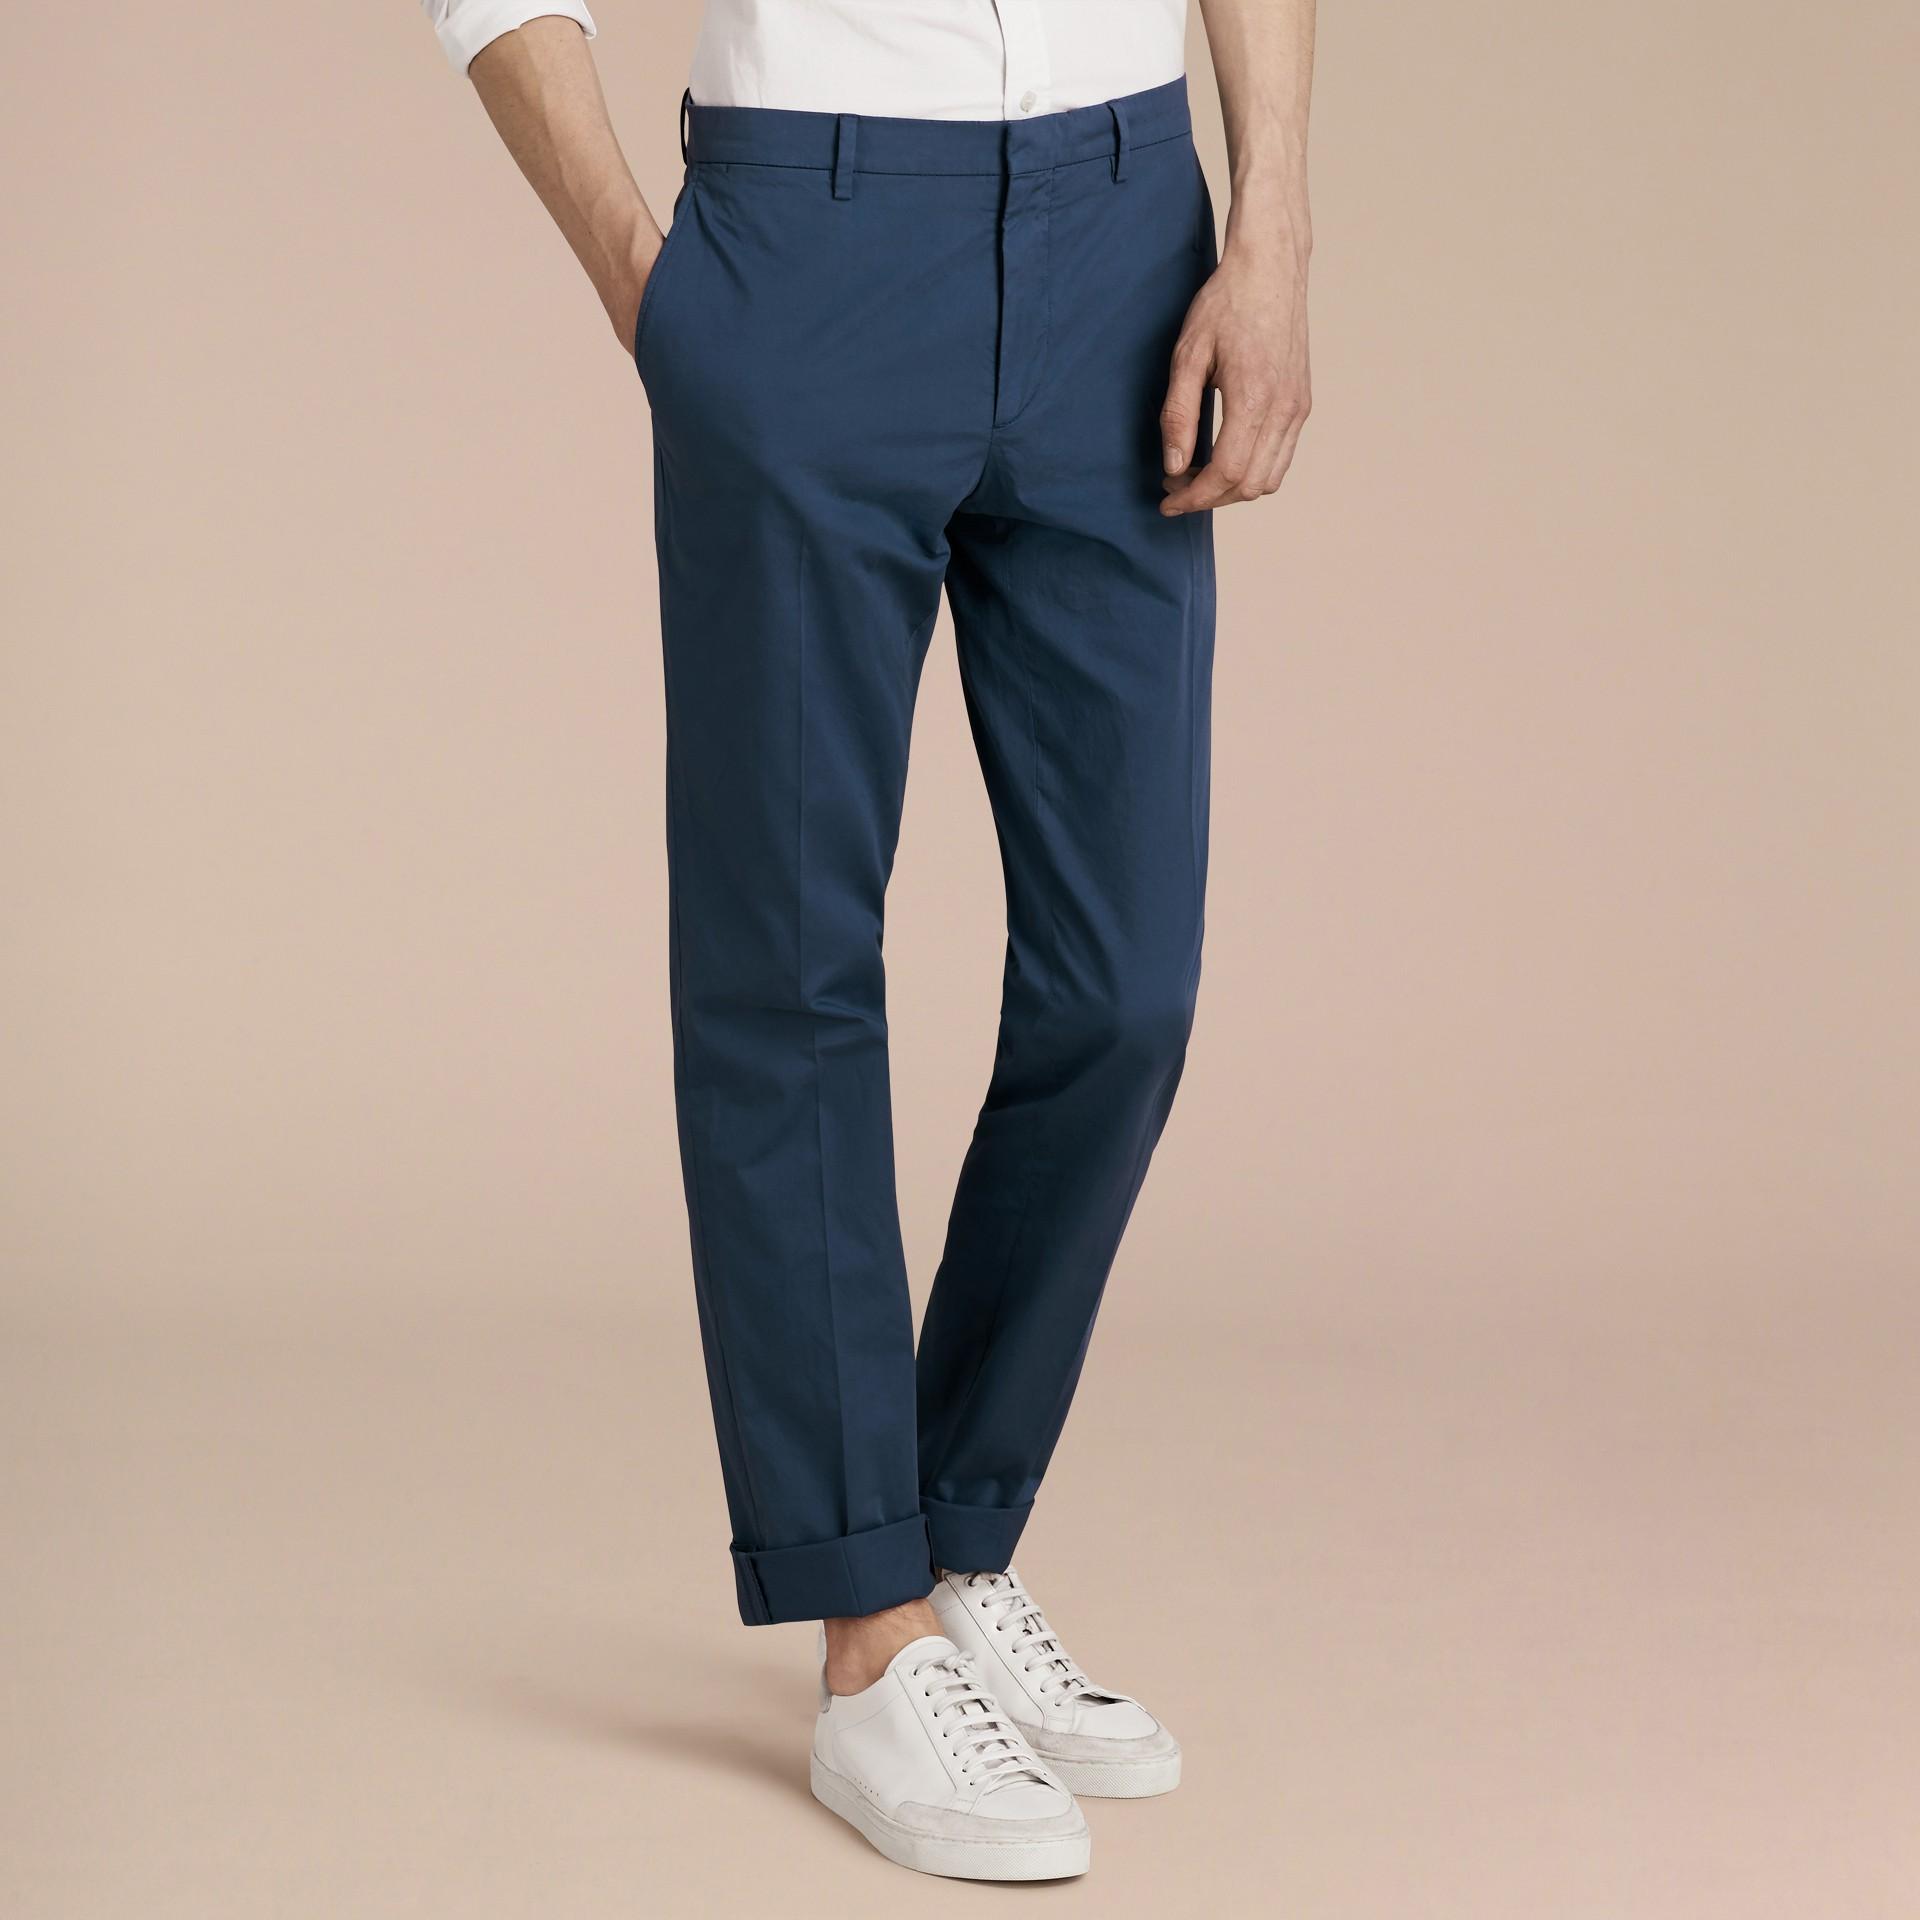 Яркий голубовато-стальной Узкие брюки из эластичной ткани Яркий Голубовато-стальной - изображение 6